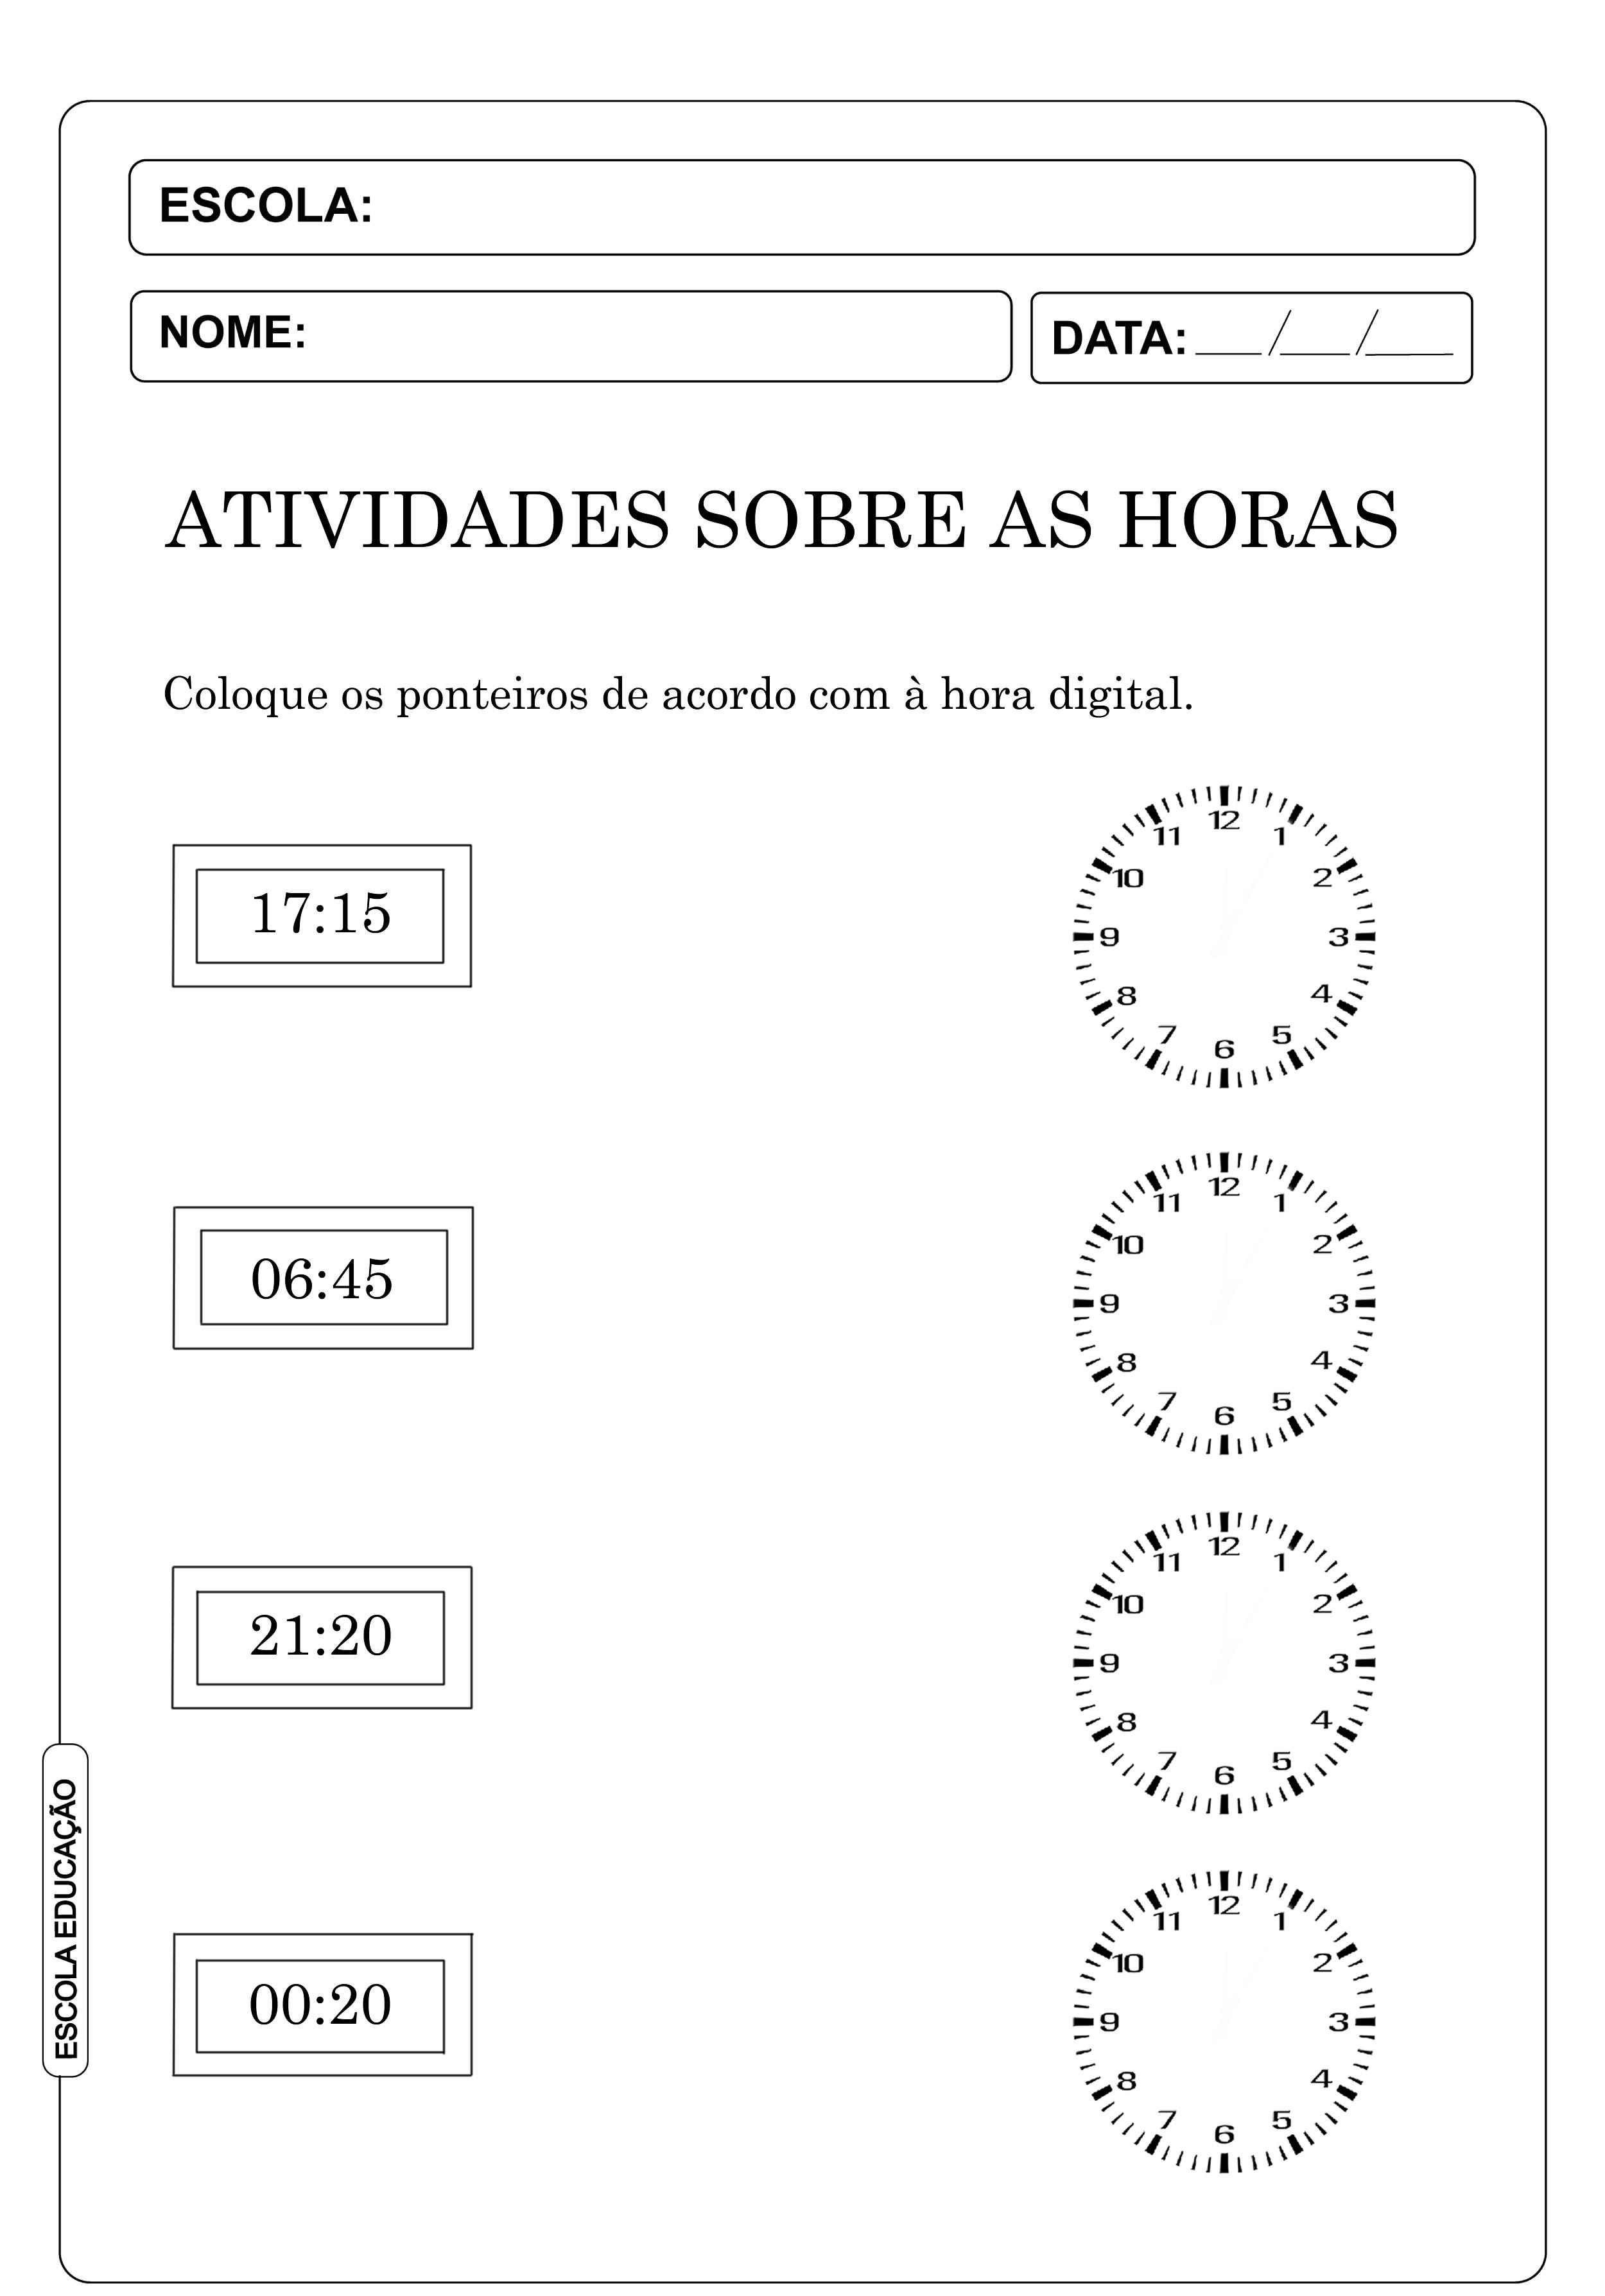 atividades-sobre-horas-coloque-as-horas-4